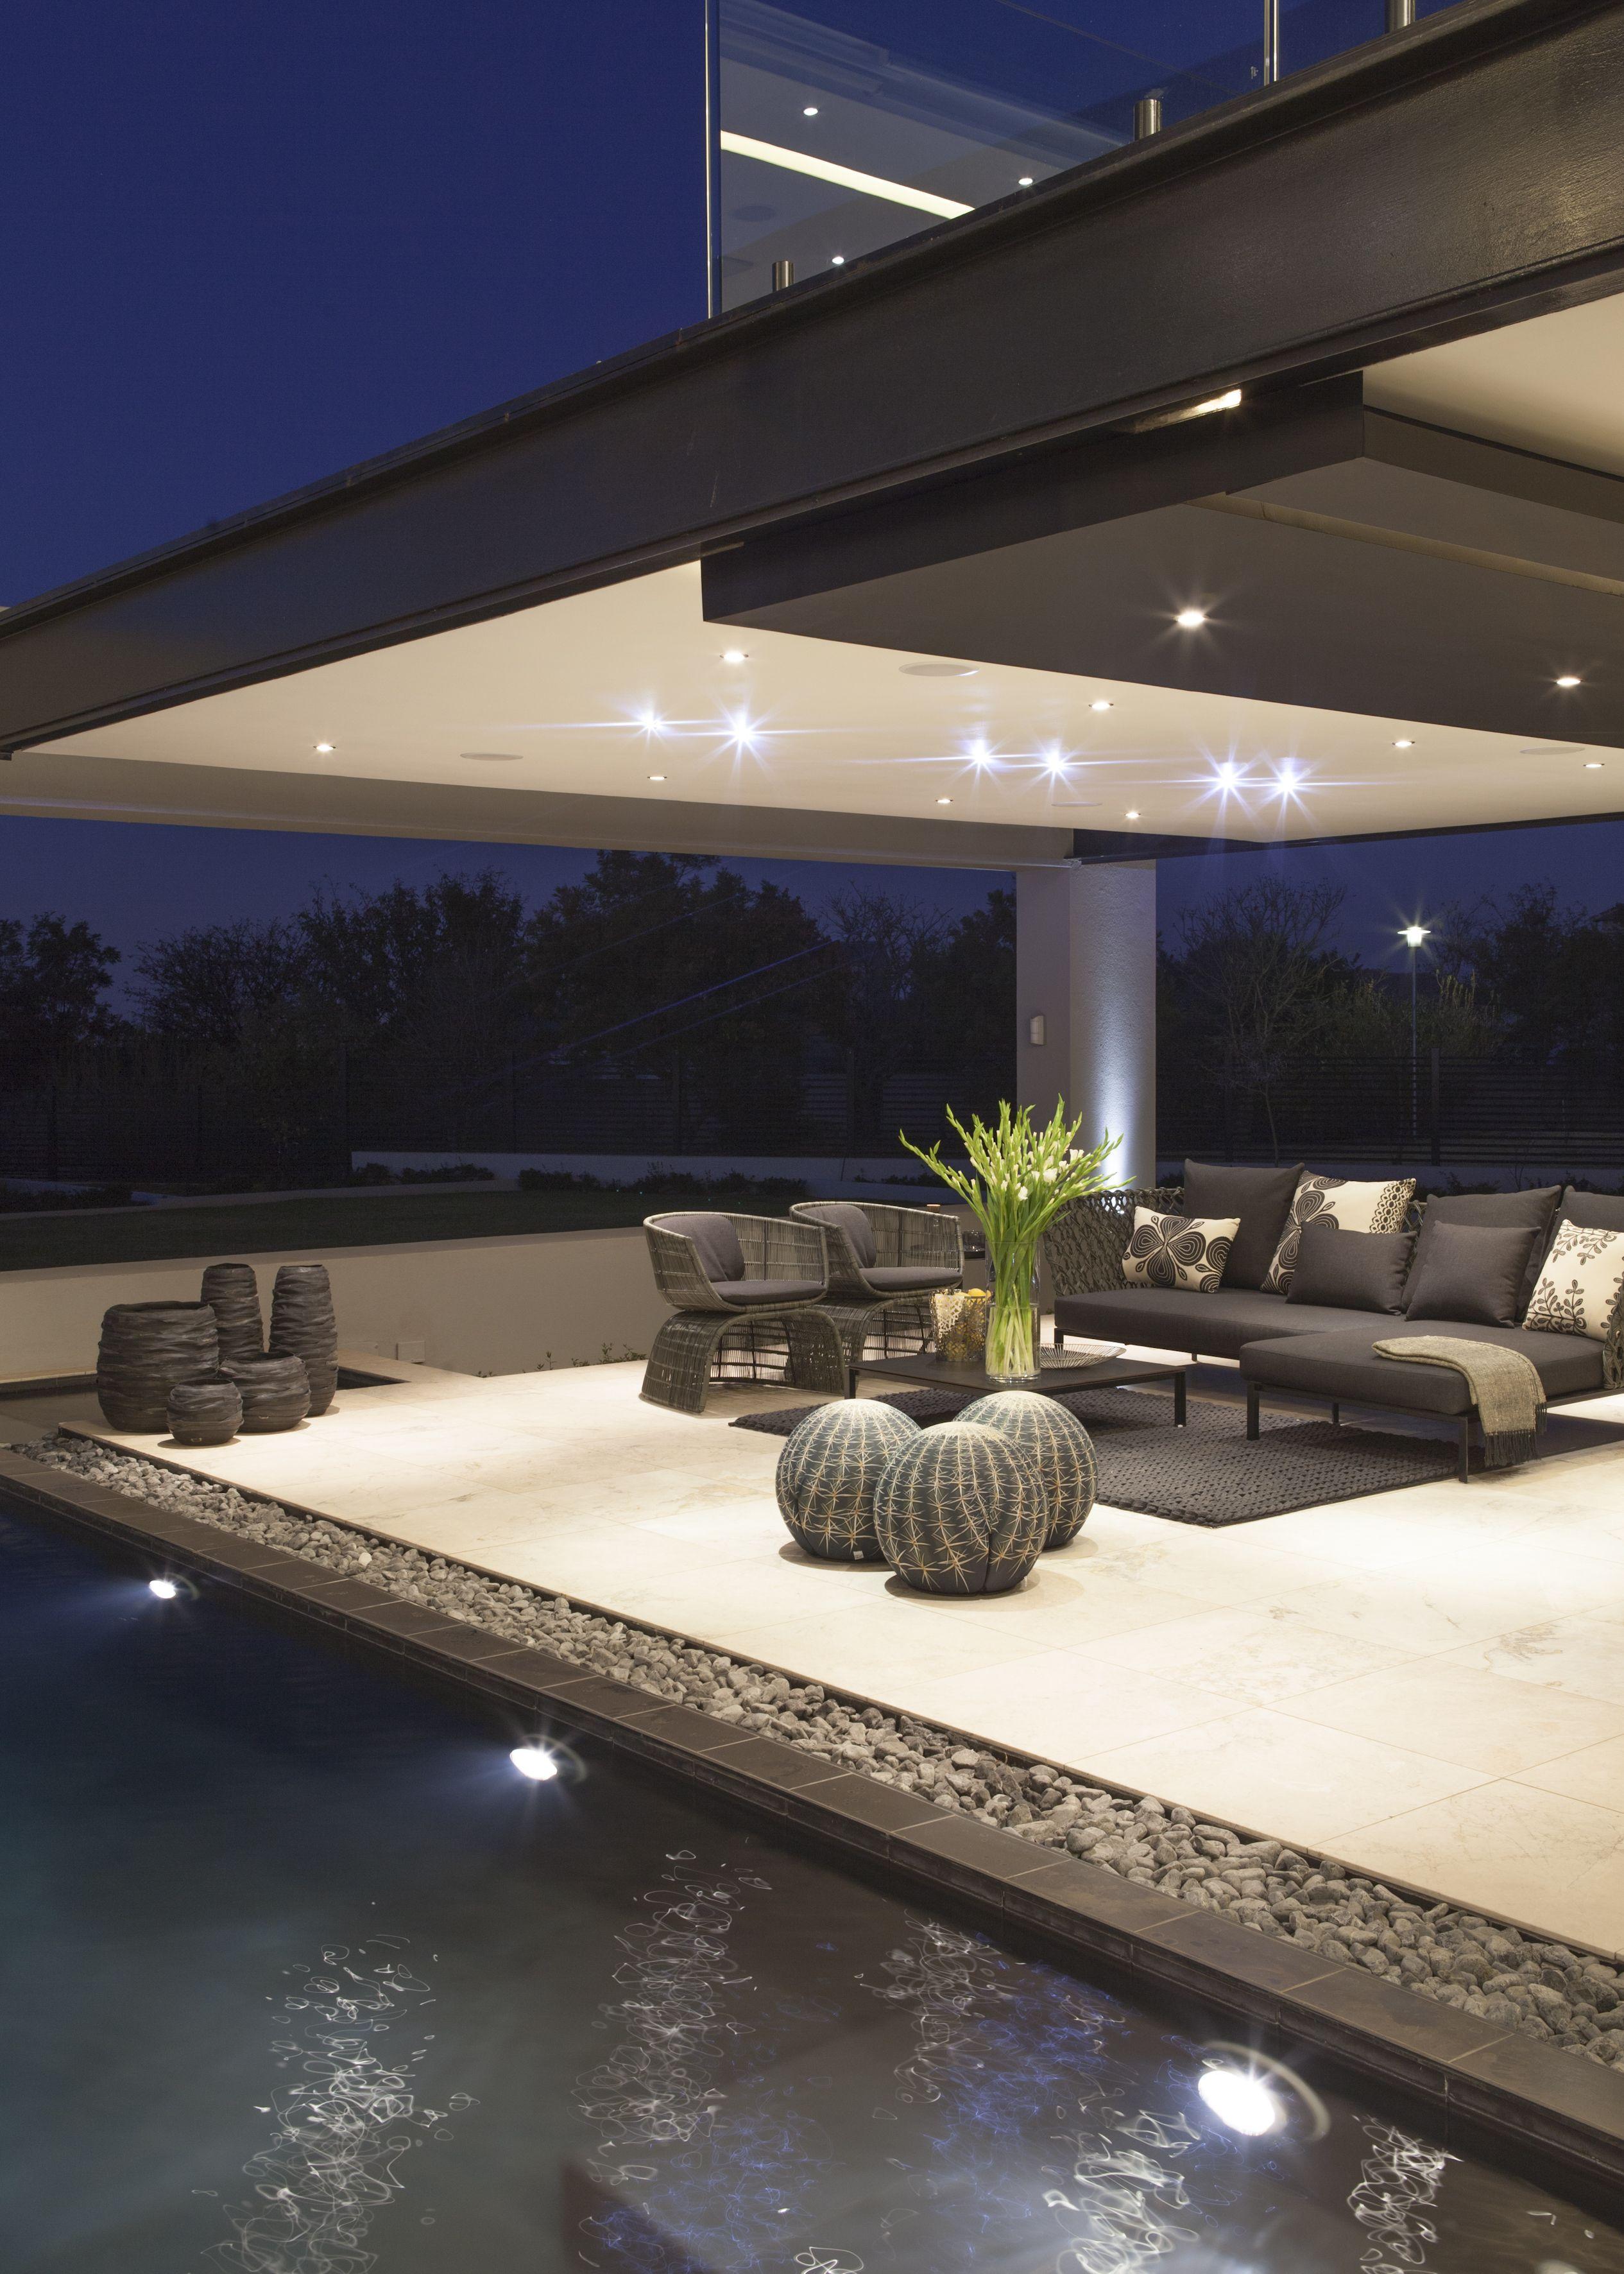 House ber inside outside  square lifestyle design  also rh pinterest